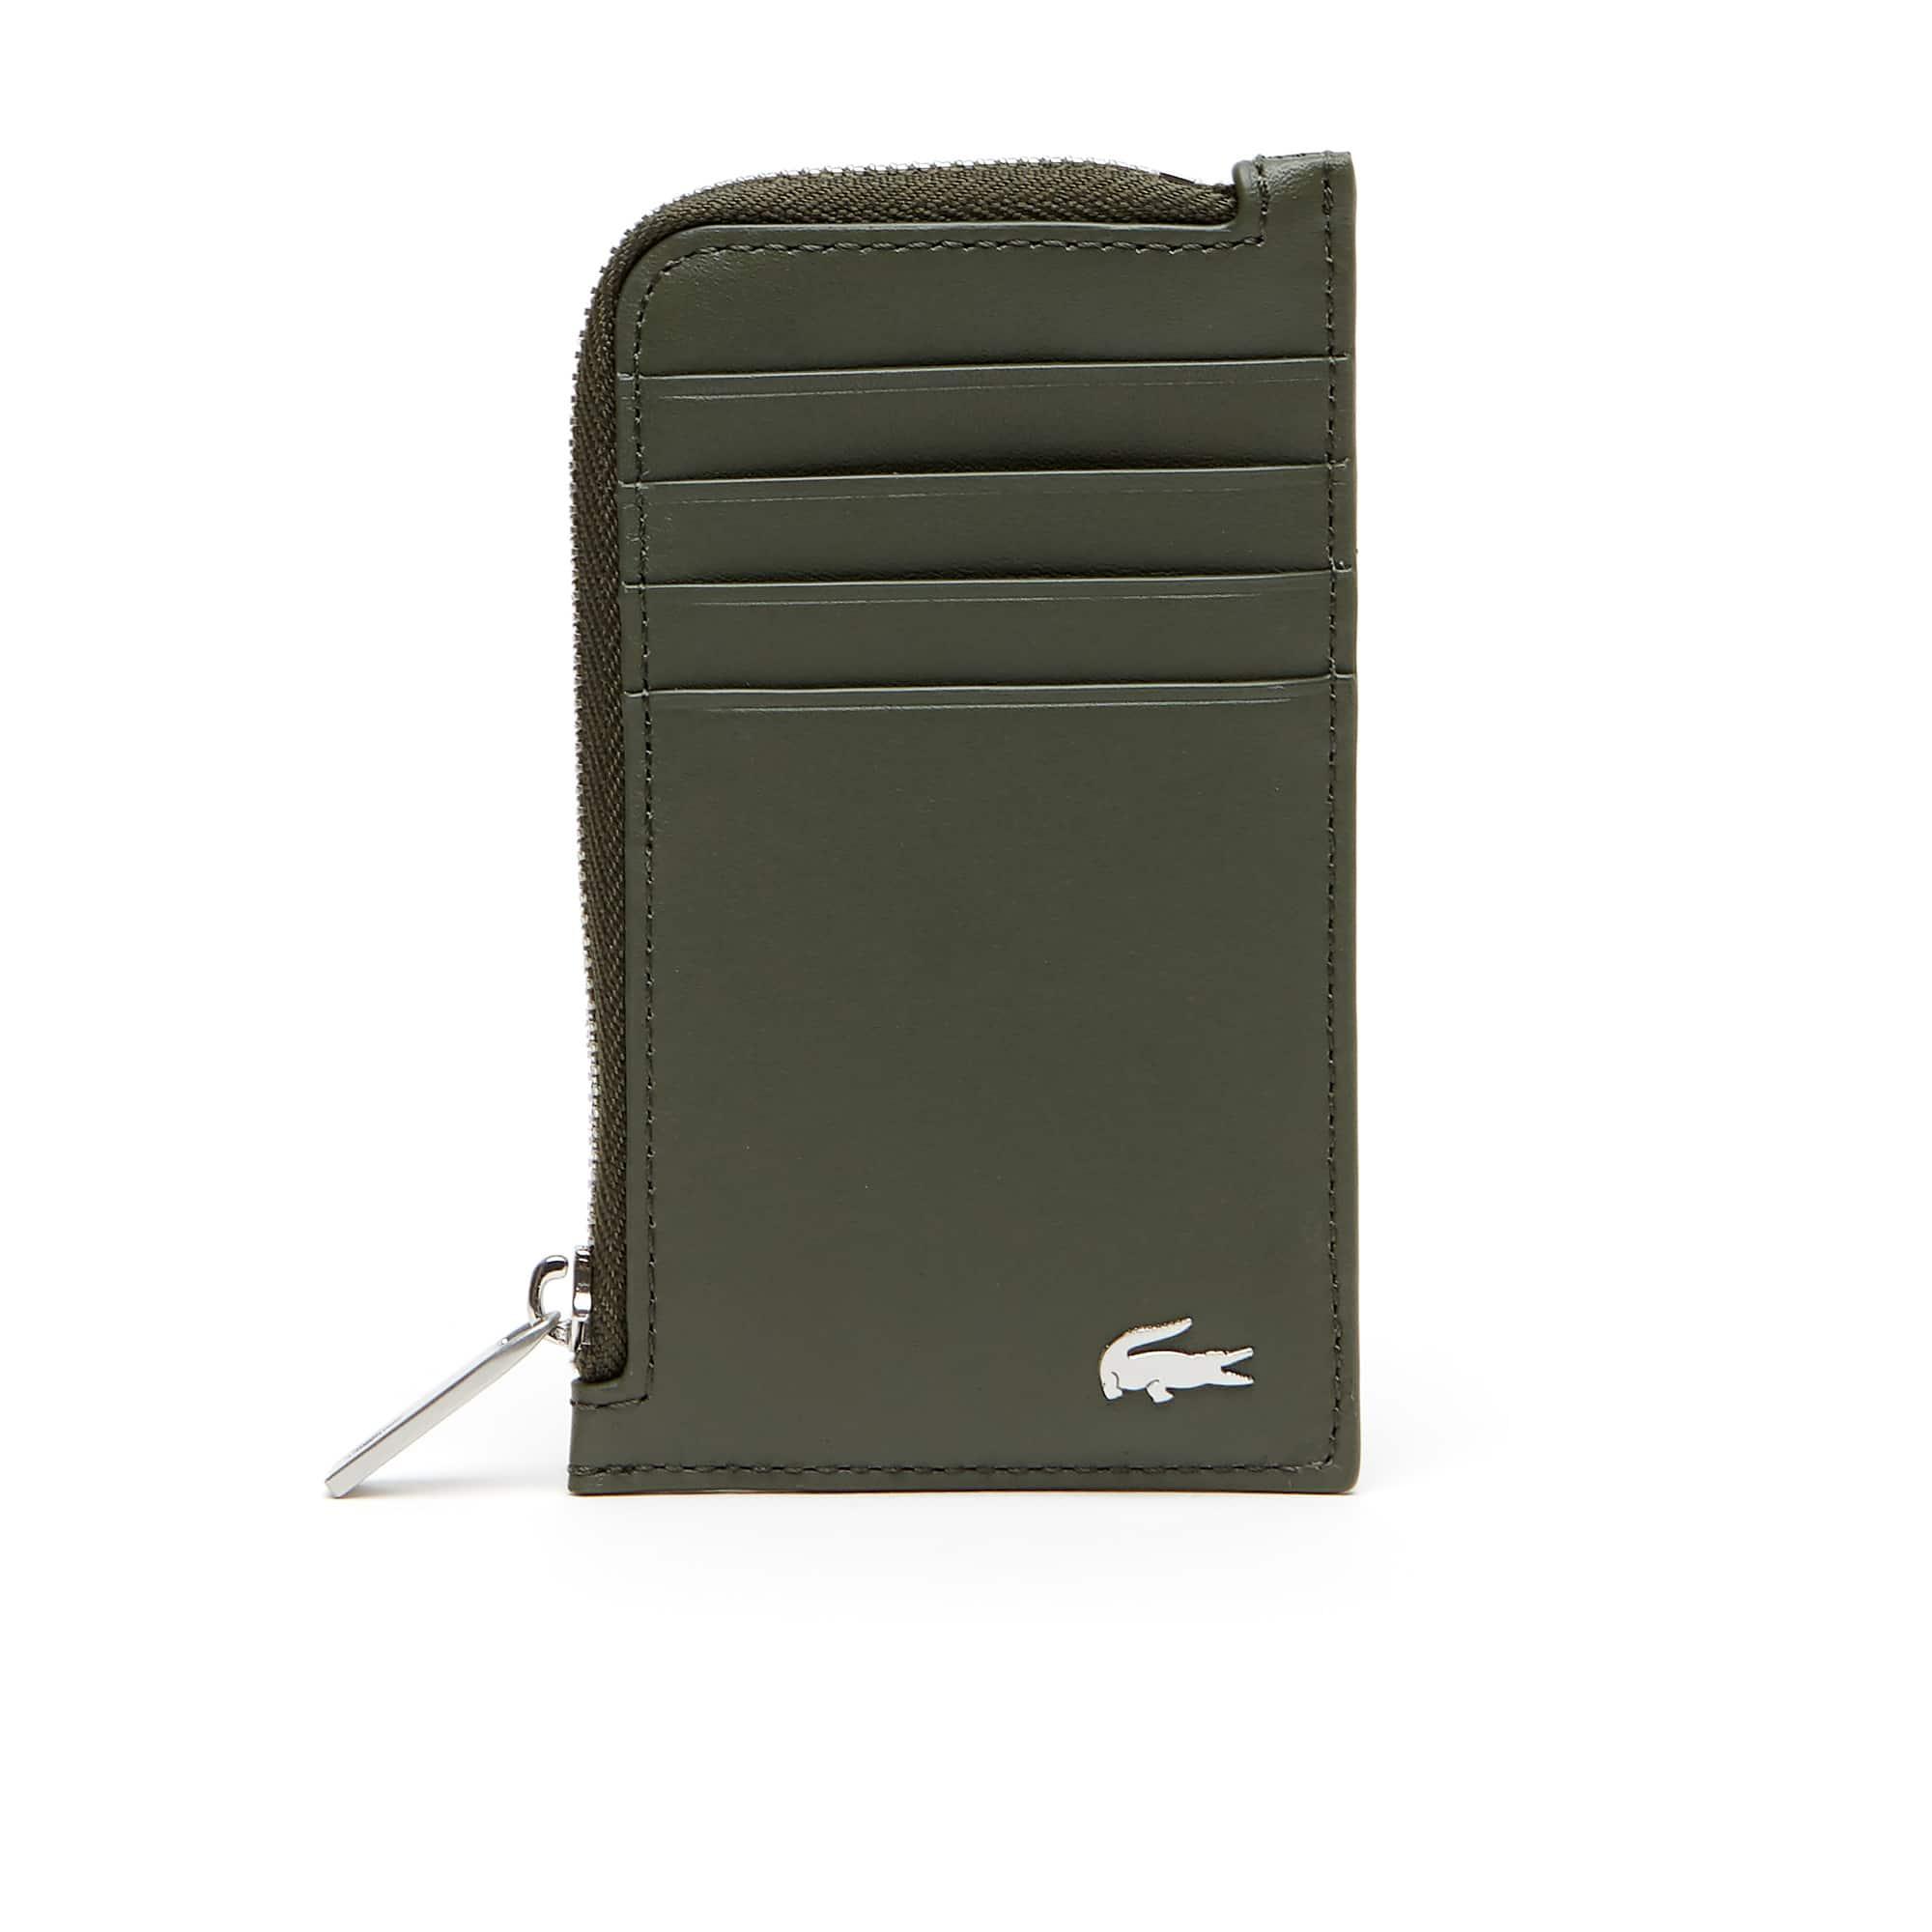 라코스테 카드 지갑 Lacoste Mens Fitzgerald Leather Zip Card Holder,grape leaf